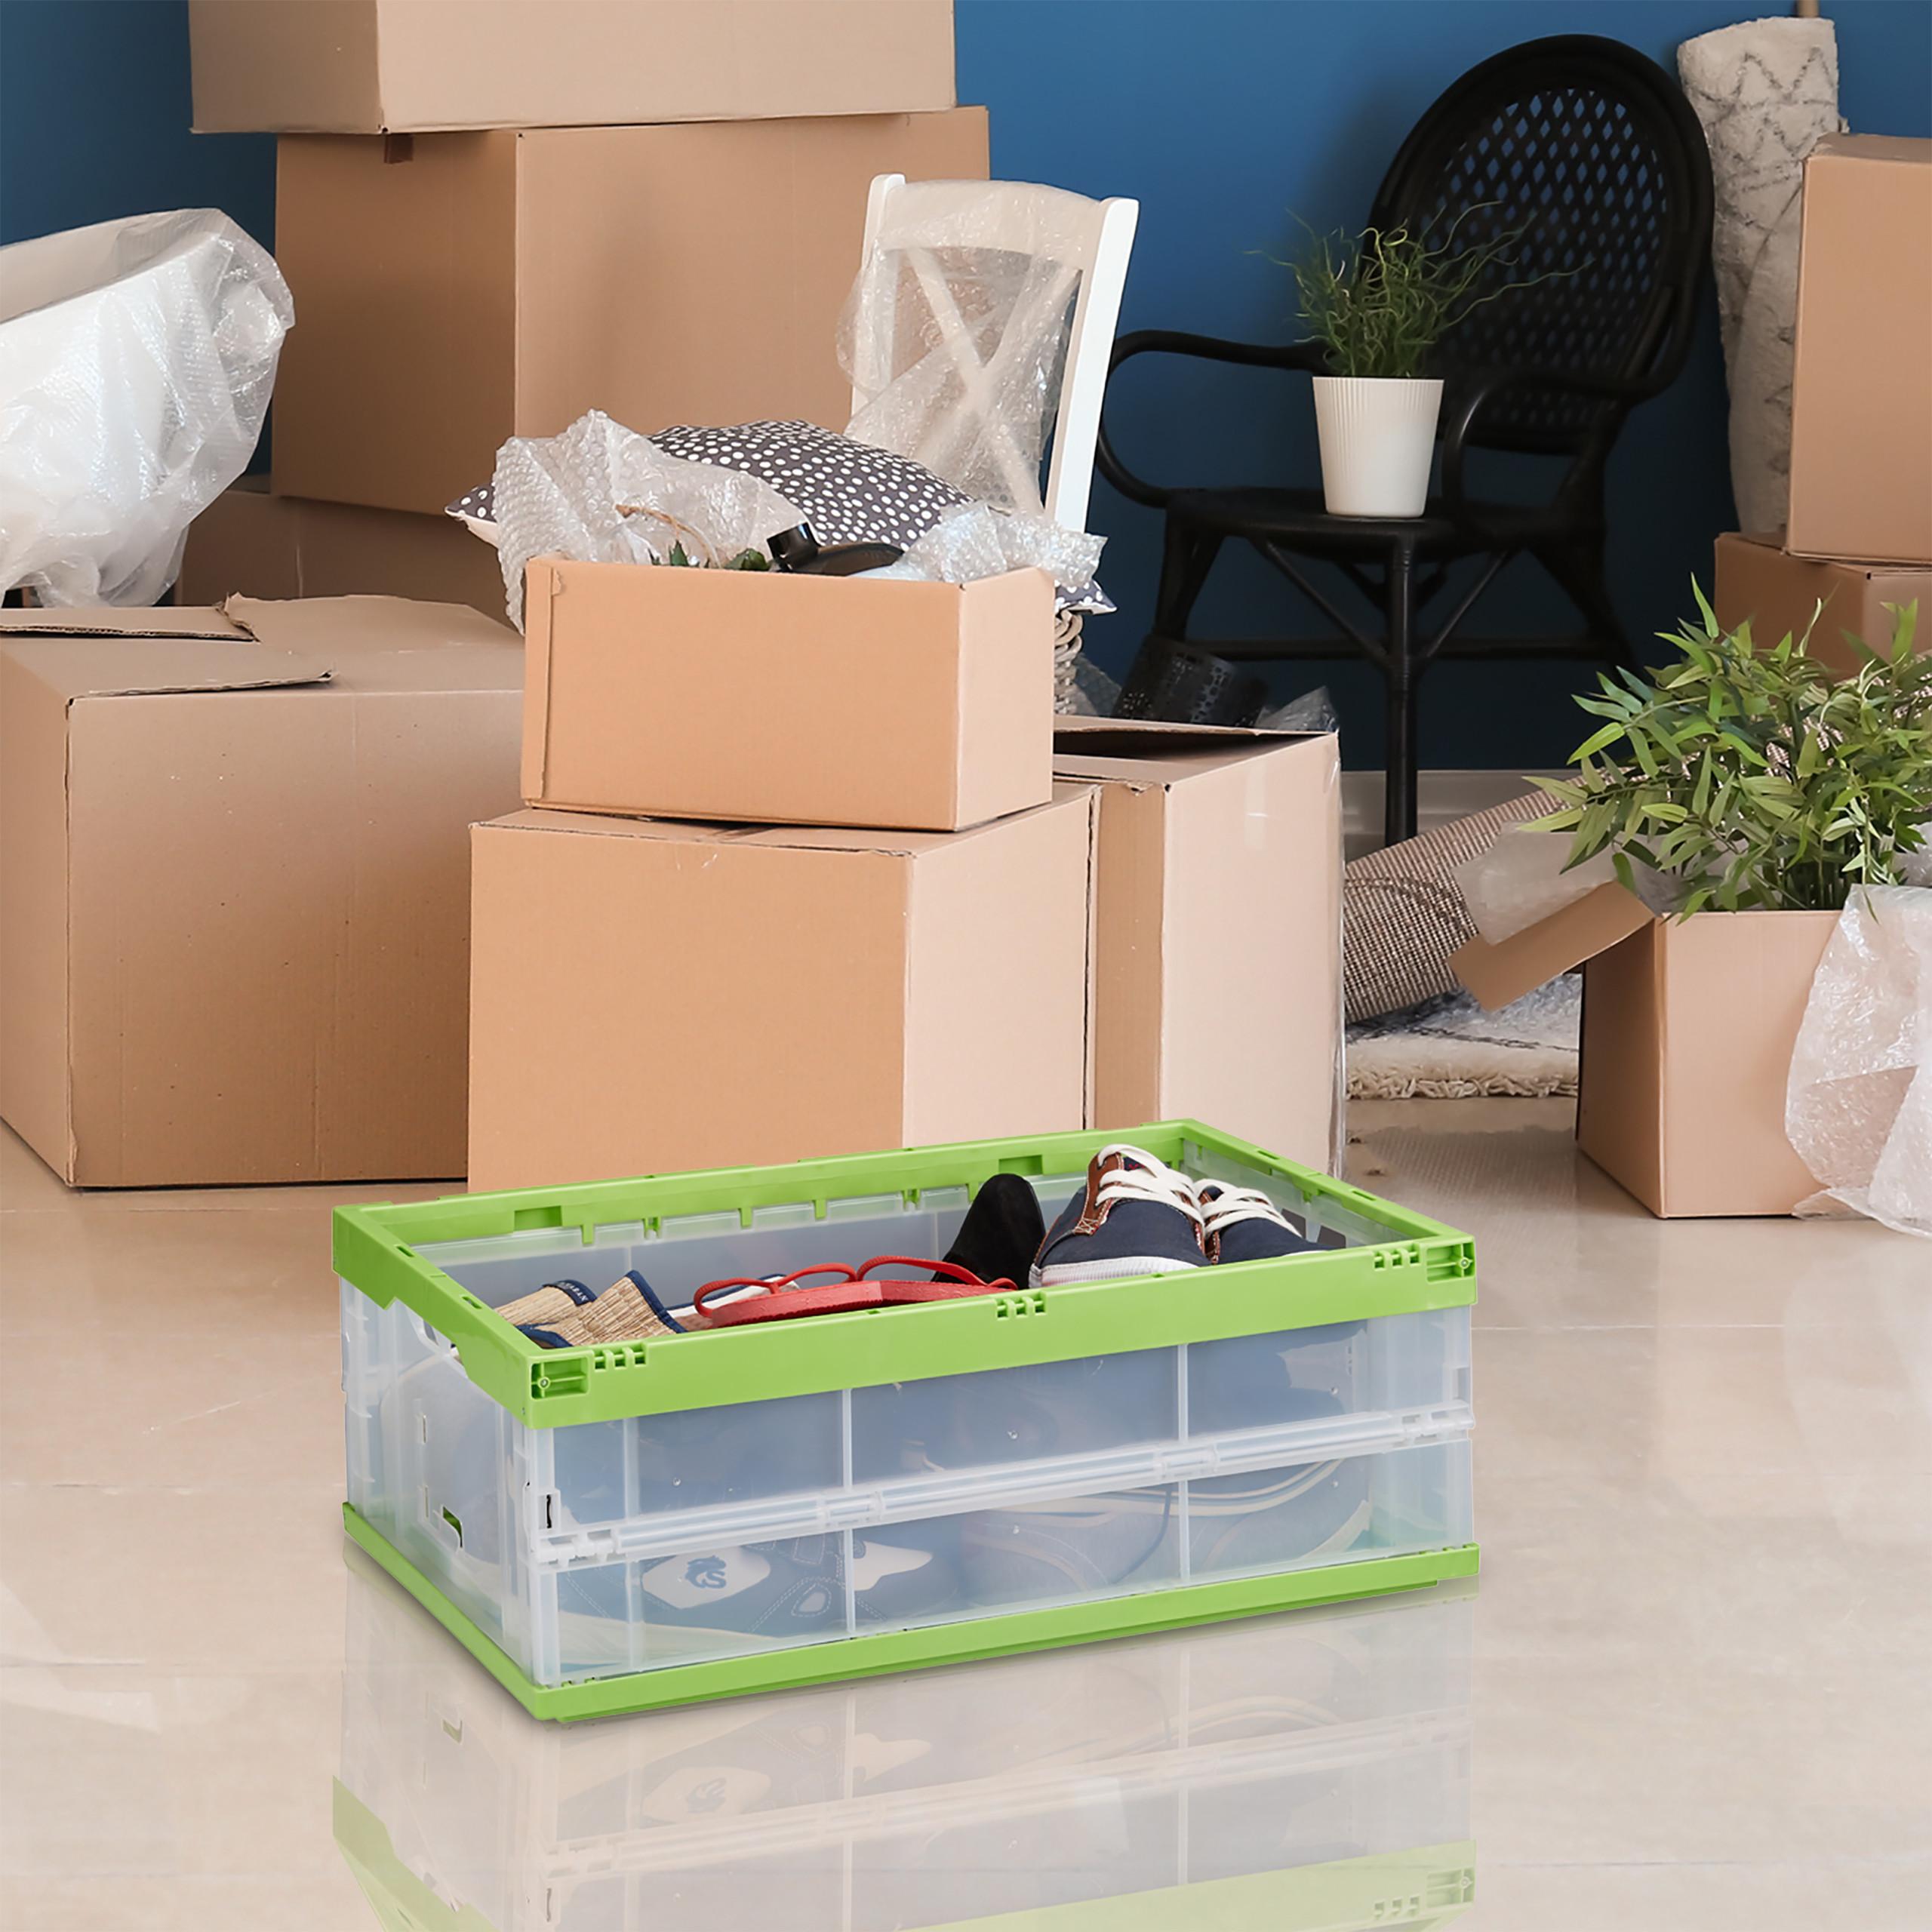 Klappbox faltbar Transportbox Aufbewahrungskiste Faltbox Stapelbox Universalbox